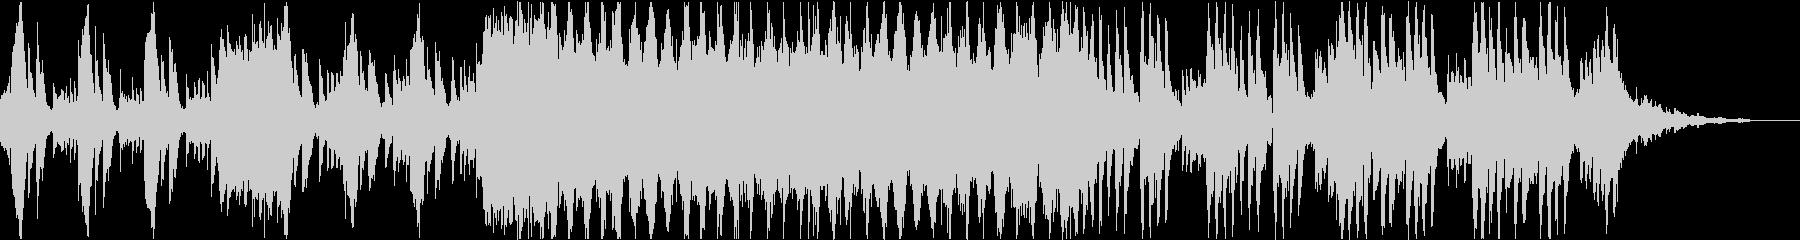 可愛らしいメルヘンなBGMの未再生の波形